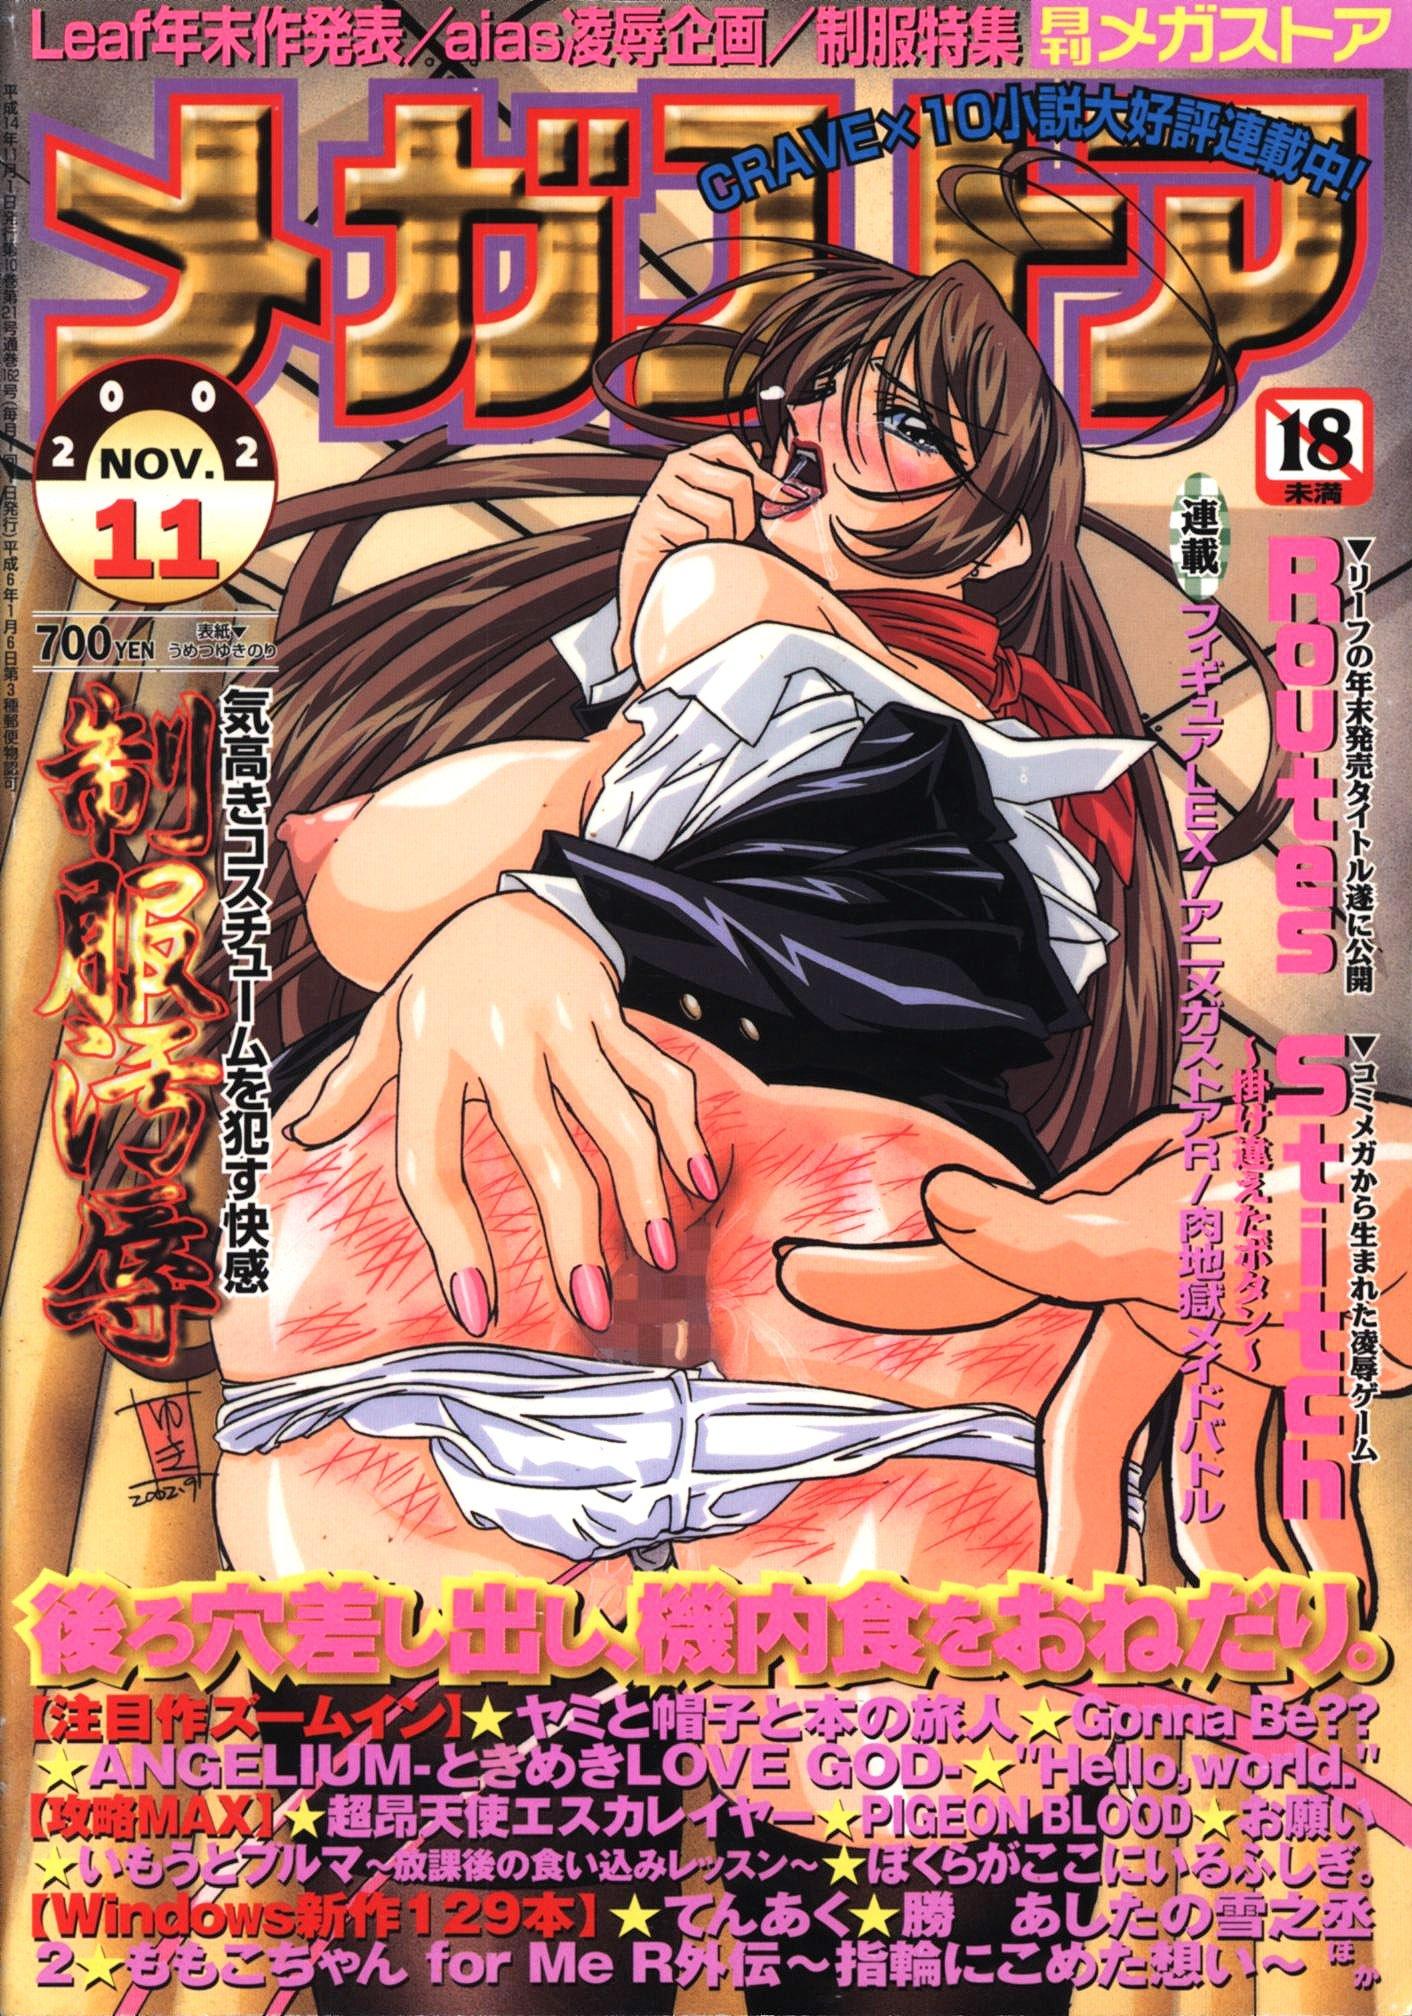 MegaStore 114 (November 2002)